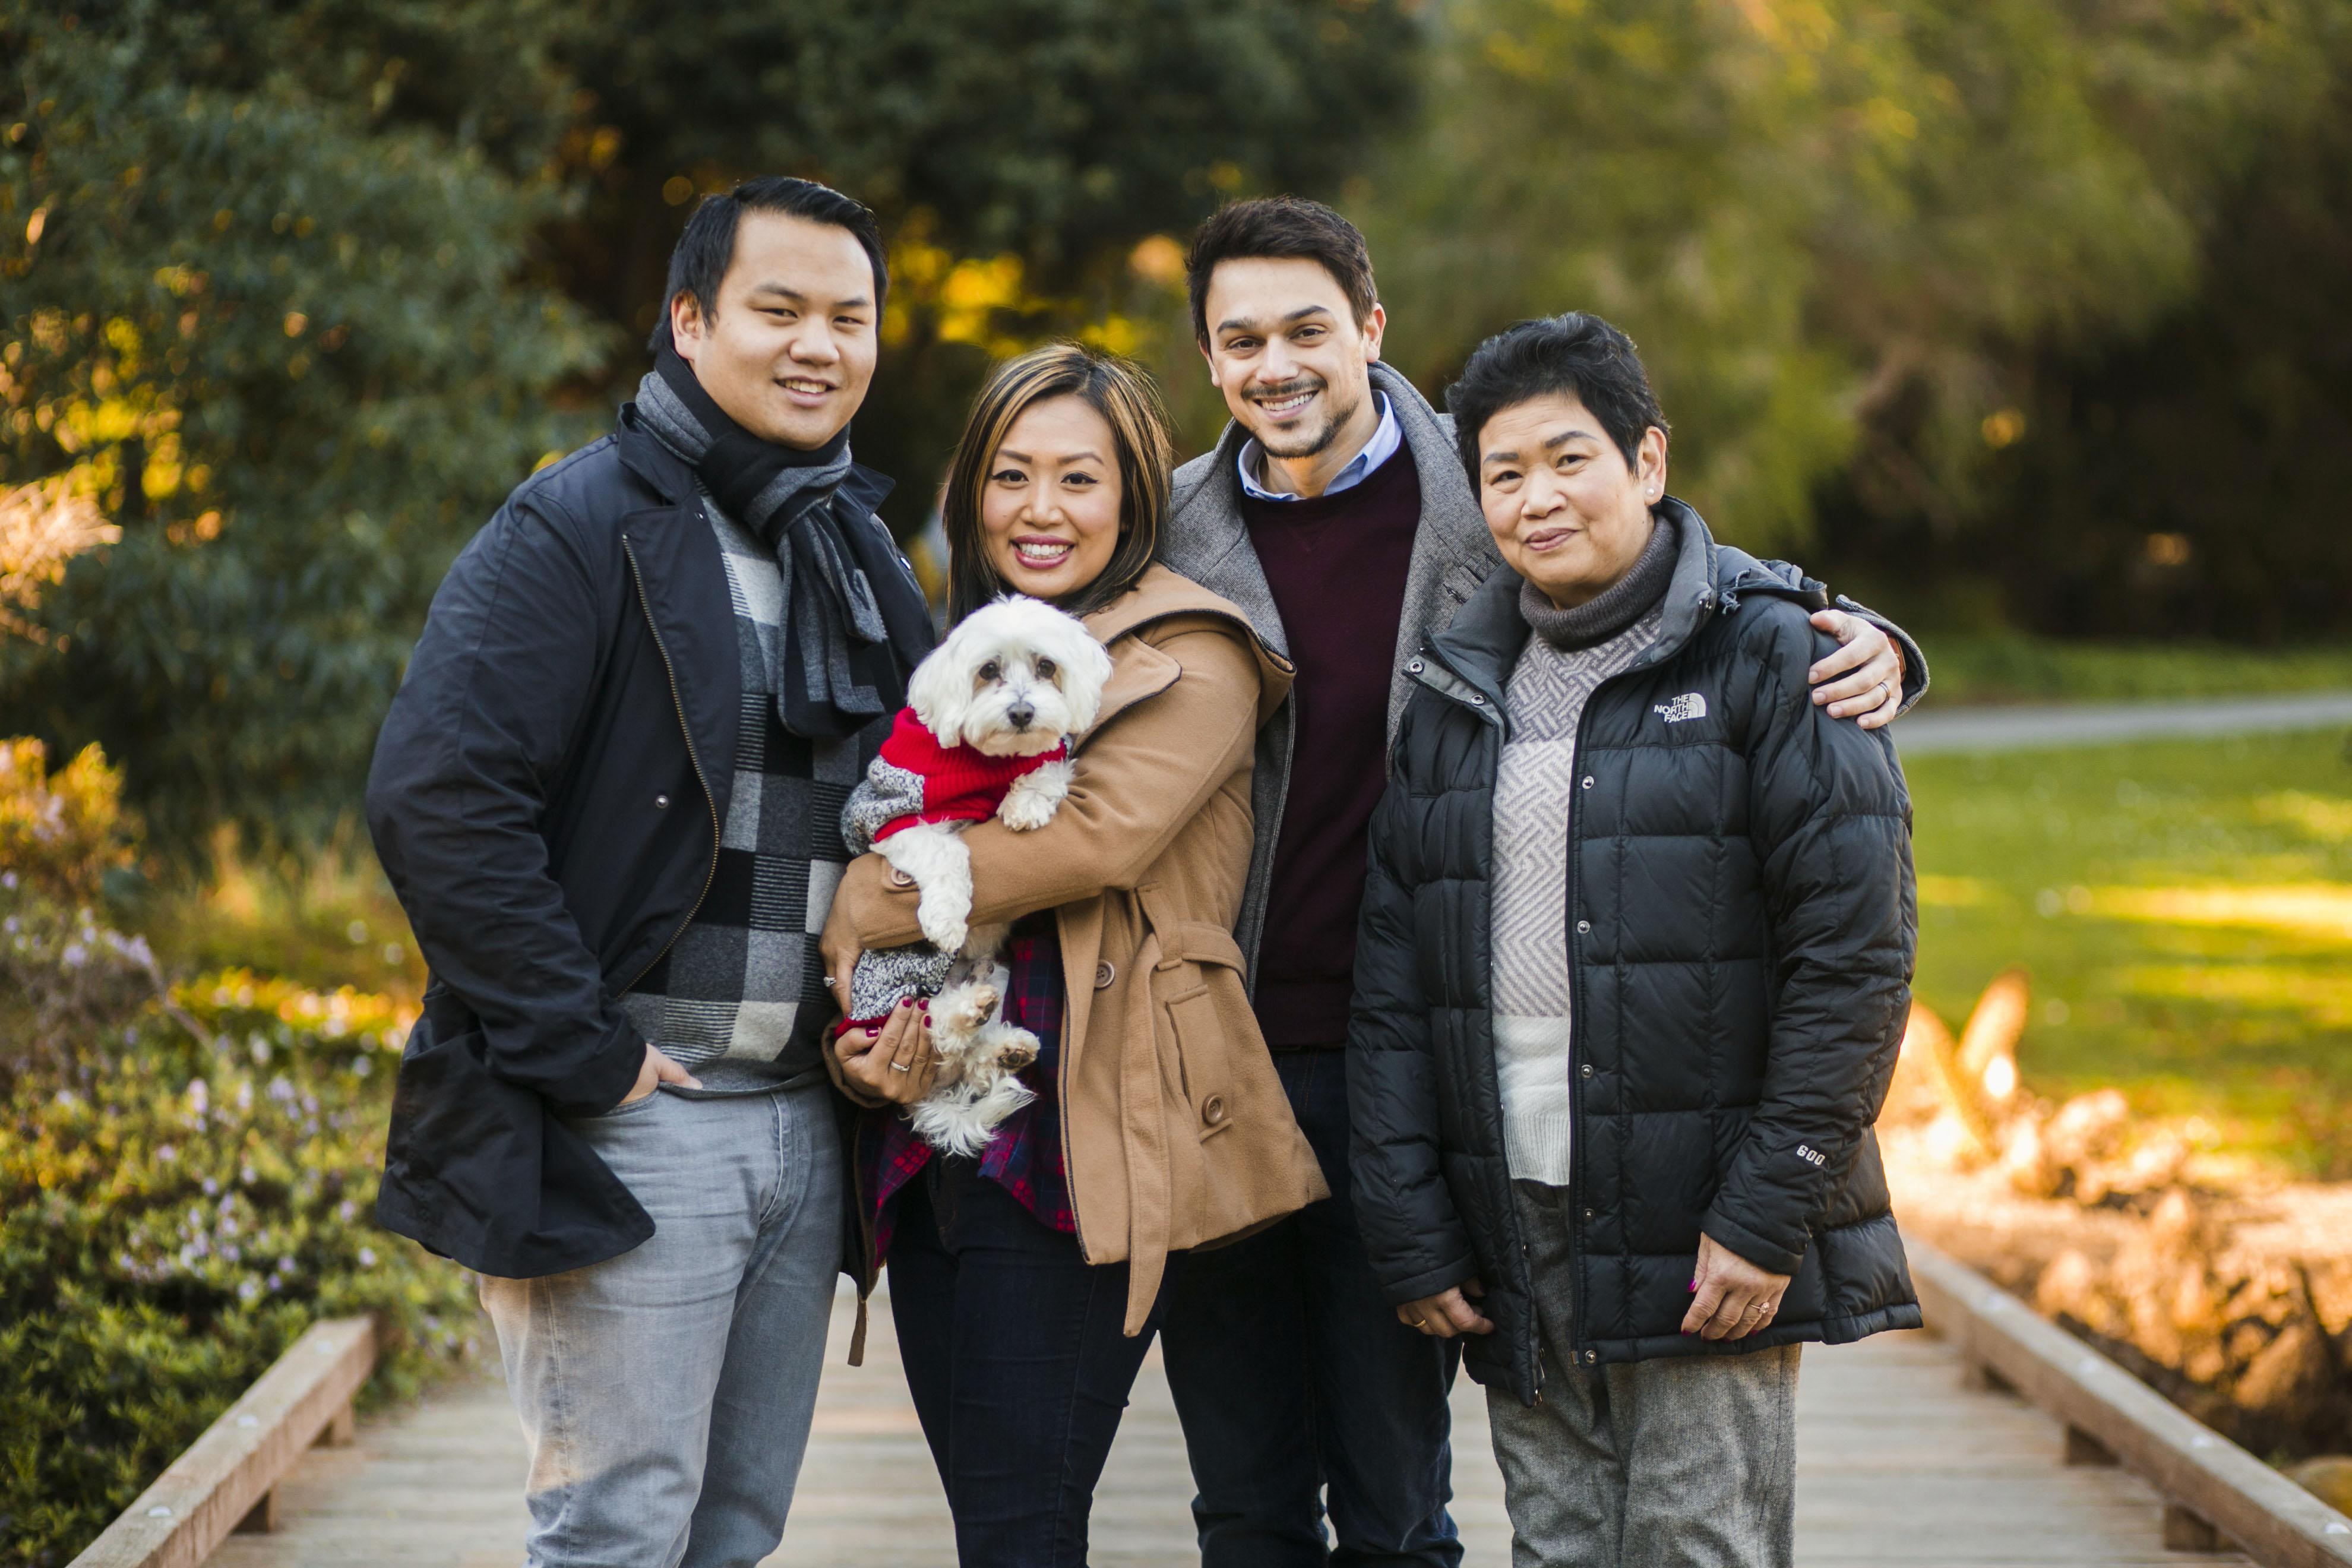 Sierra Family